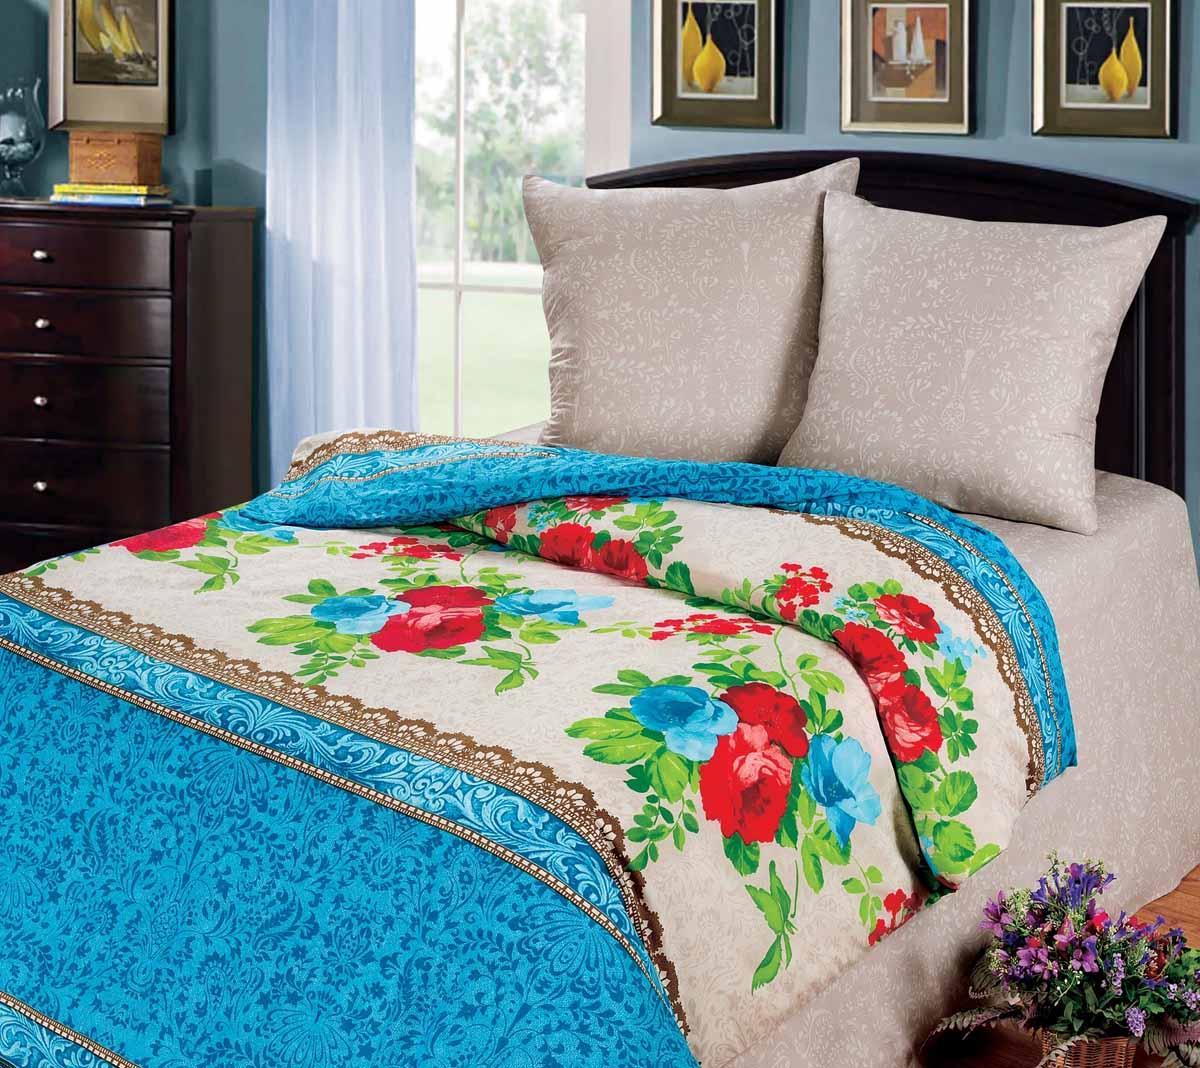 Комплект белья Любимый дом Роял, евро, наволочки 50x70, цвет: голубой358226